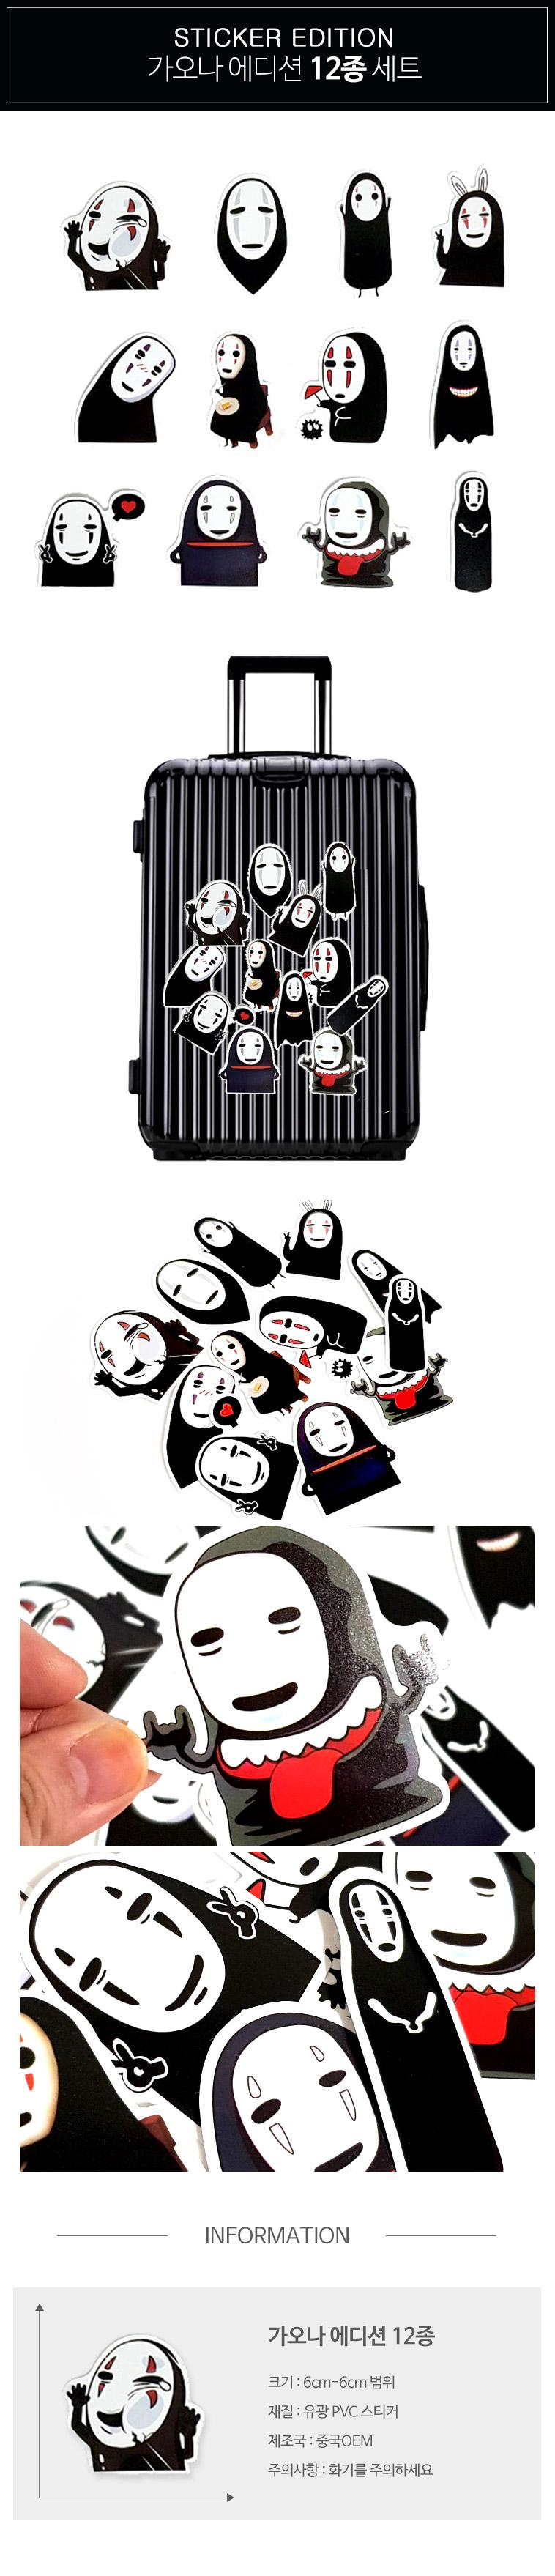 가오나 에디션 12종 고품질 캐리어 리폼 스티커 세트 - 나와또, 4,500원, 보호커버/스티커, 스티커